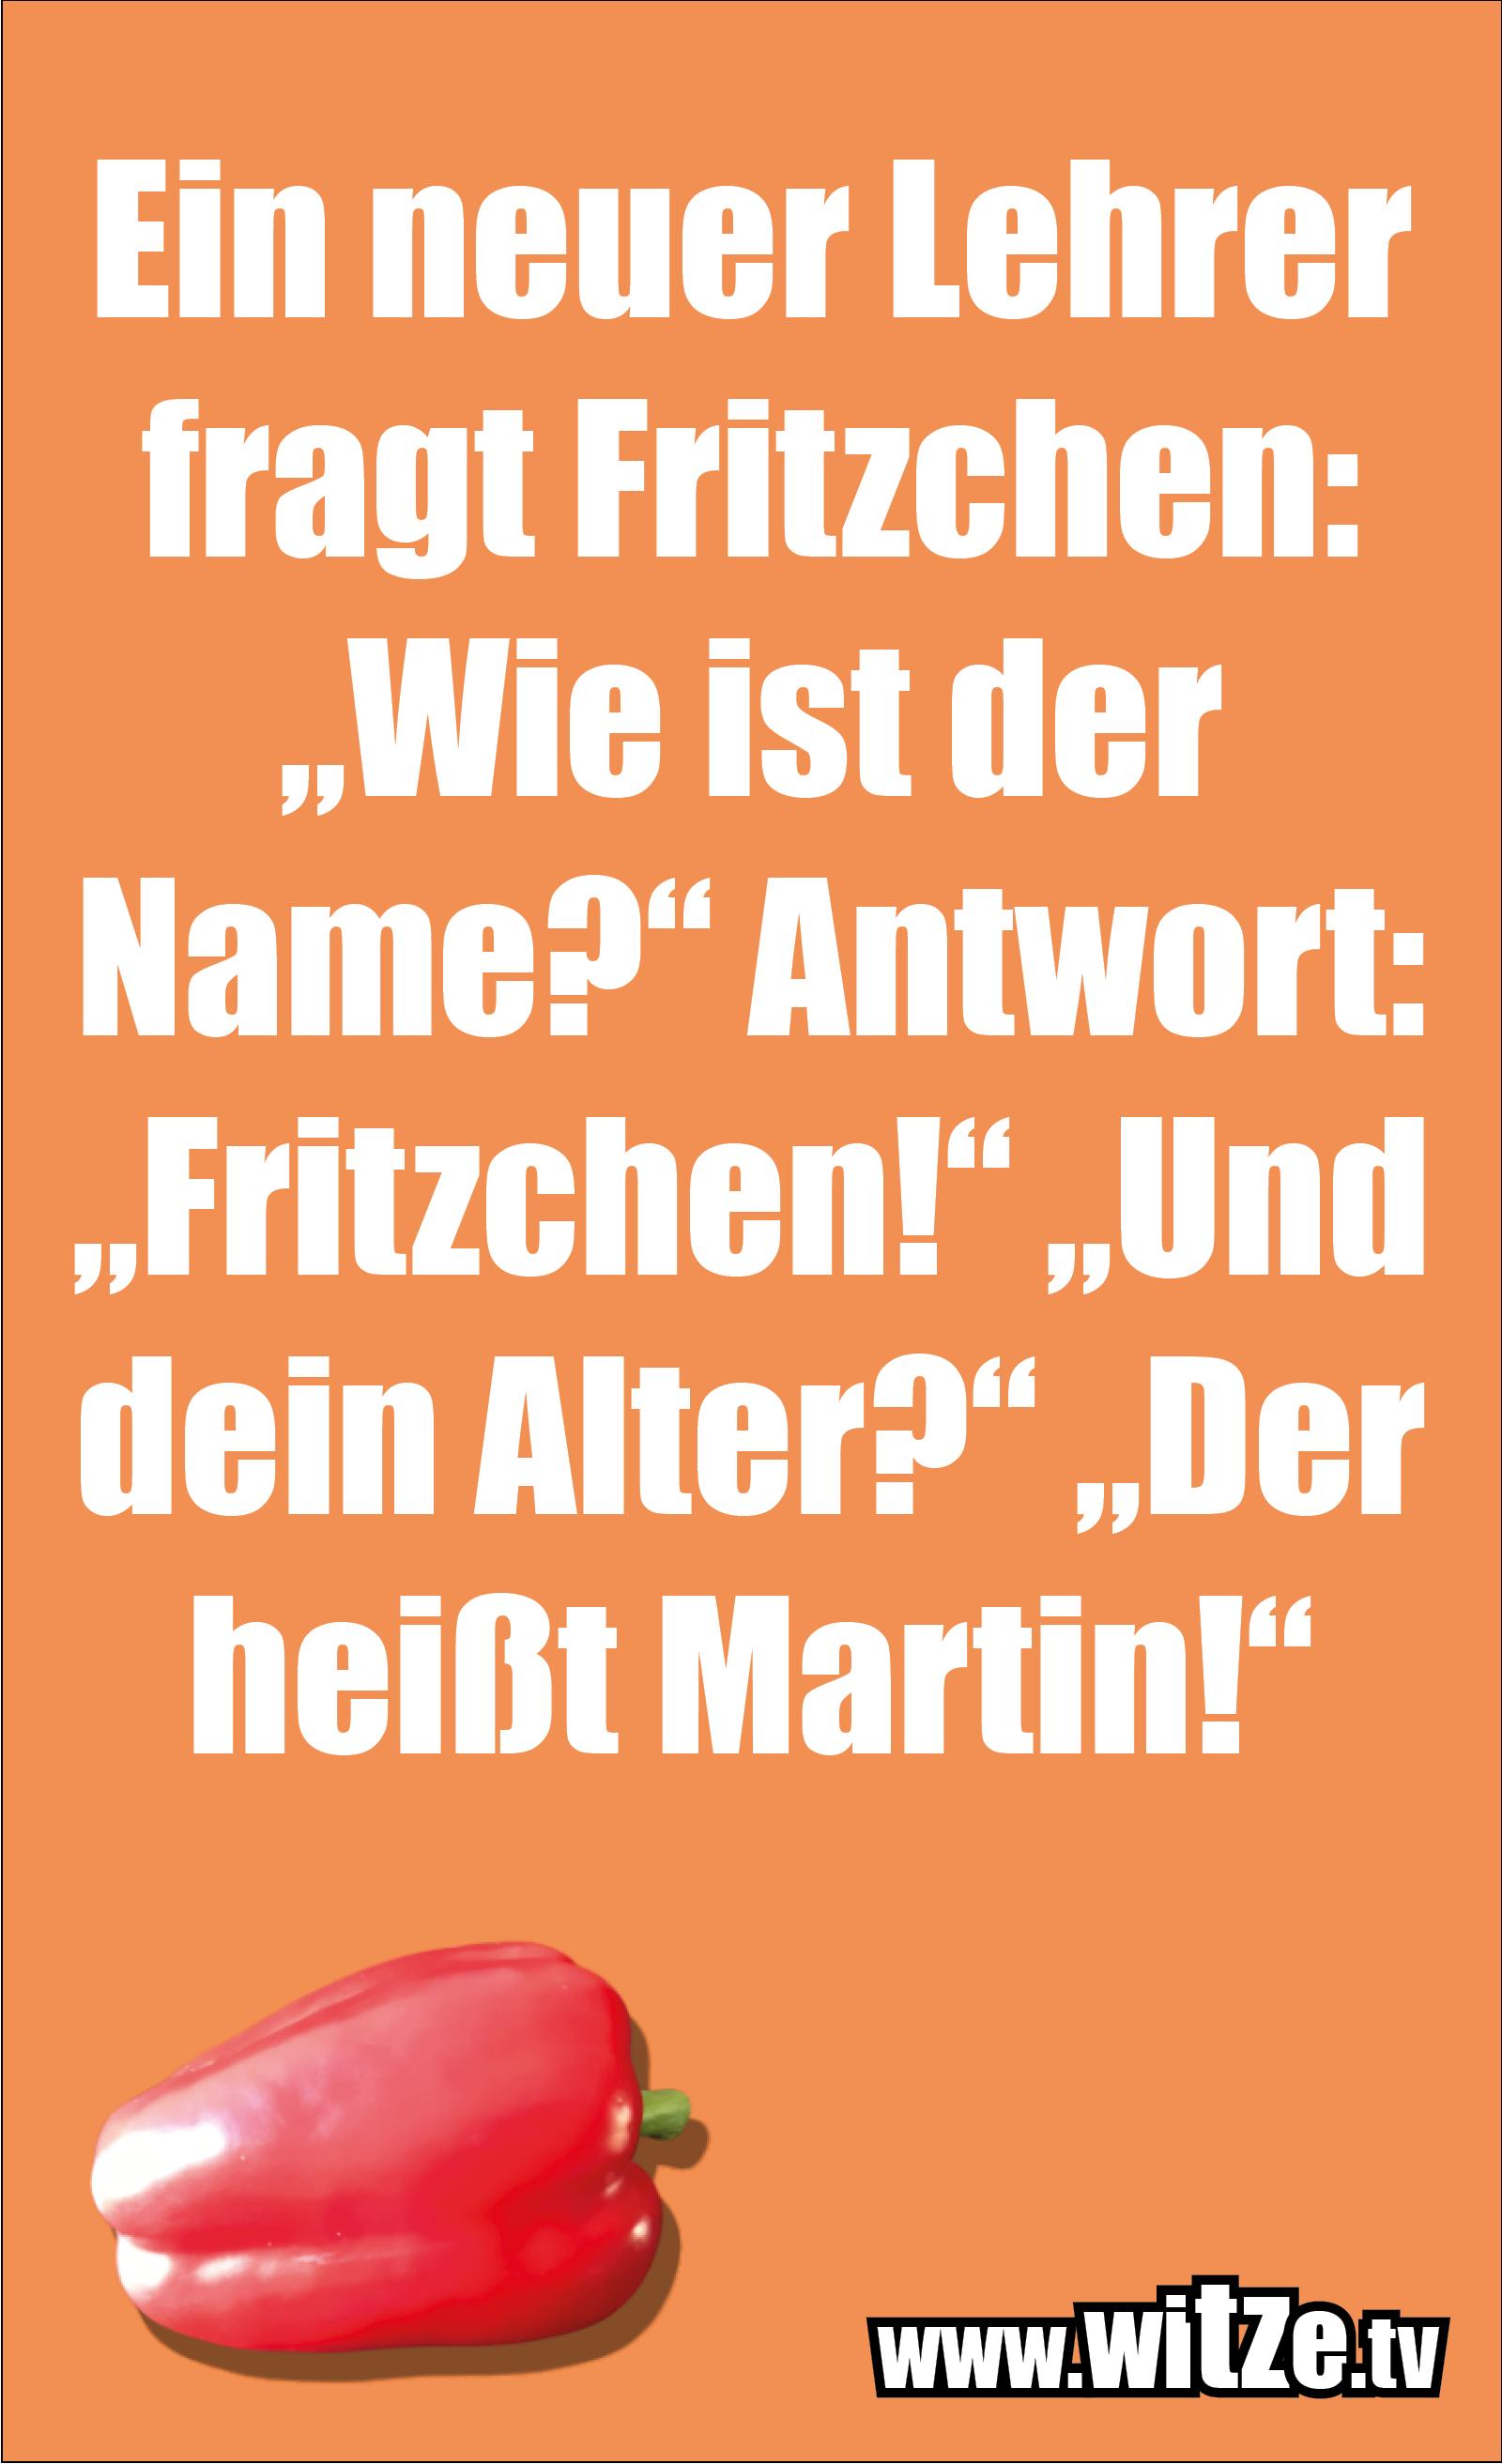 Witz über... Ein neuer Lehrer fragt Fritzchen...